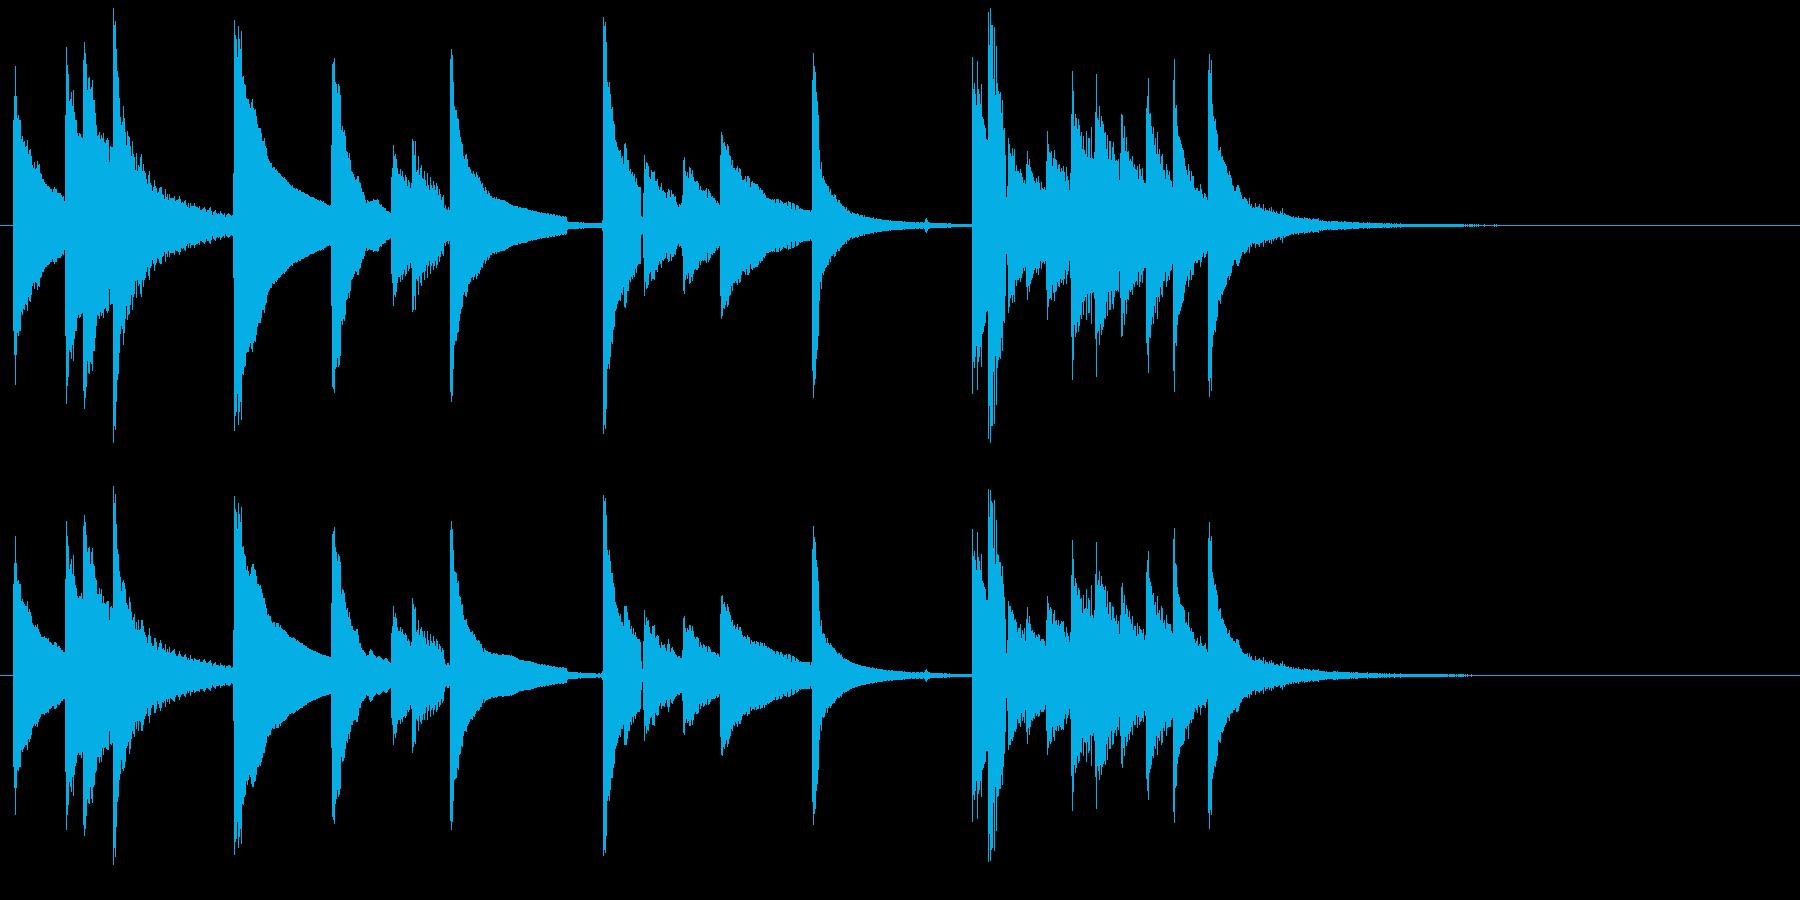 語りかけてくるような「泣き」のギターの再生済みの波形